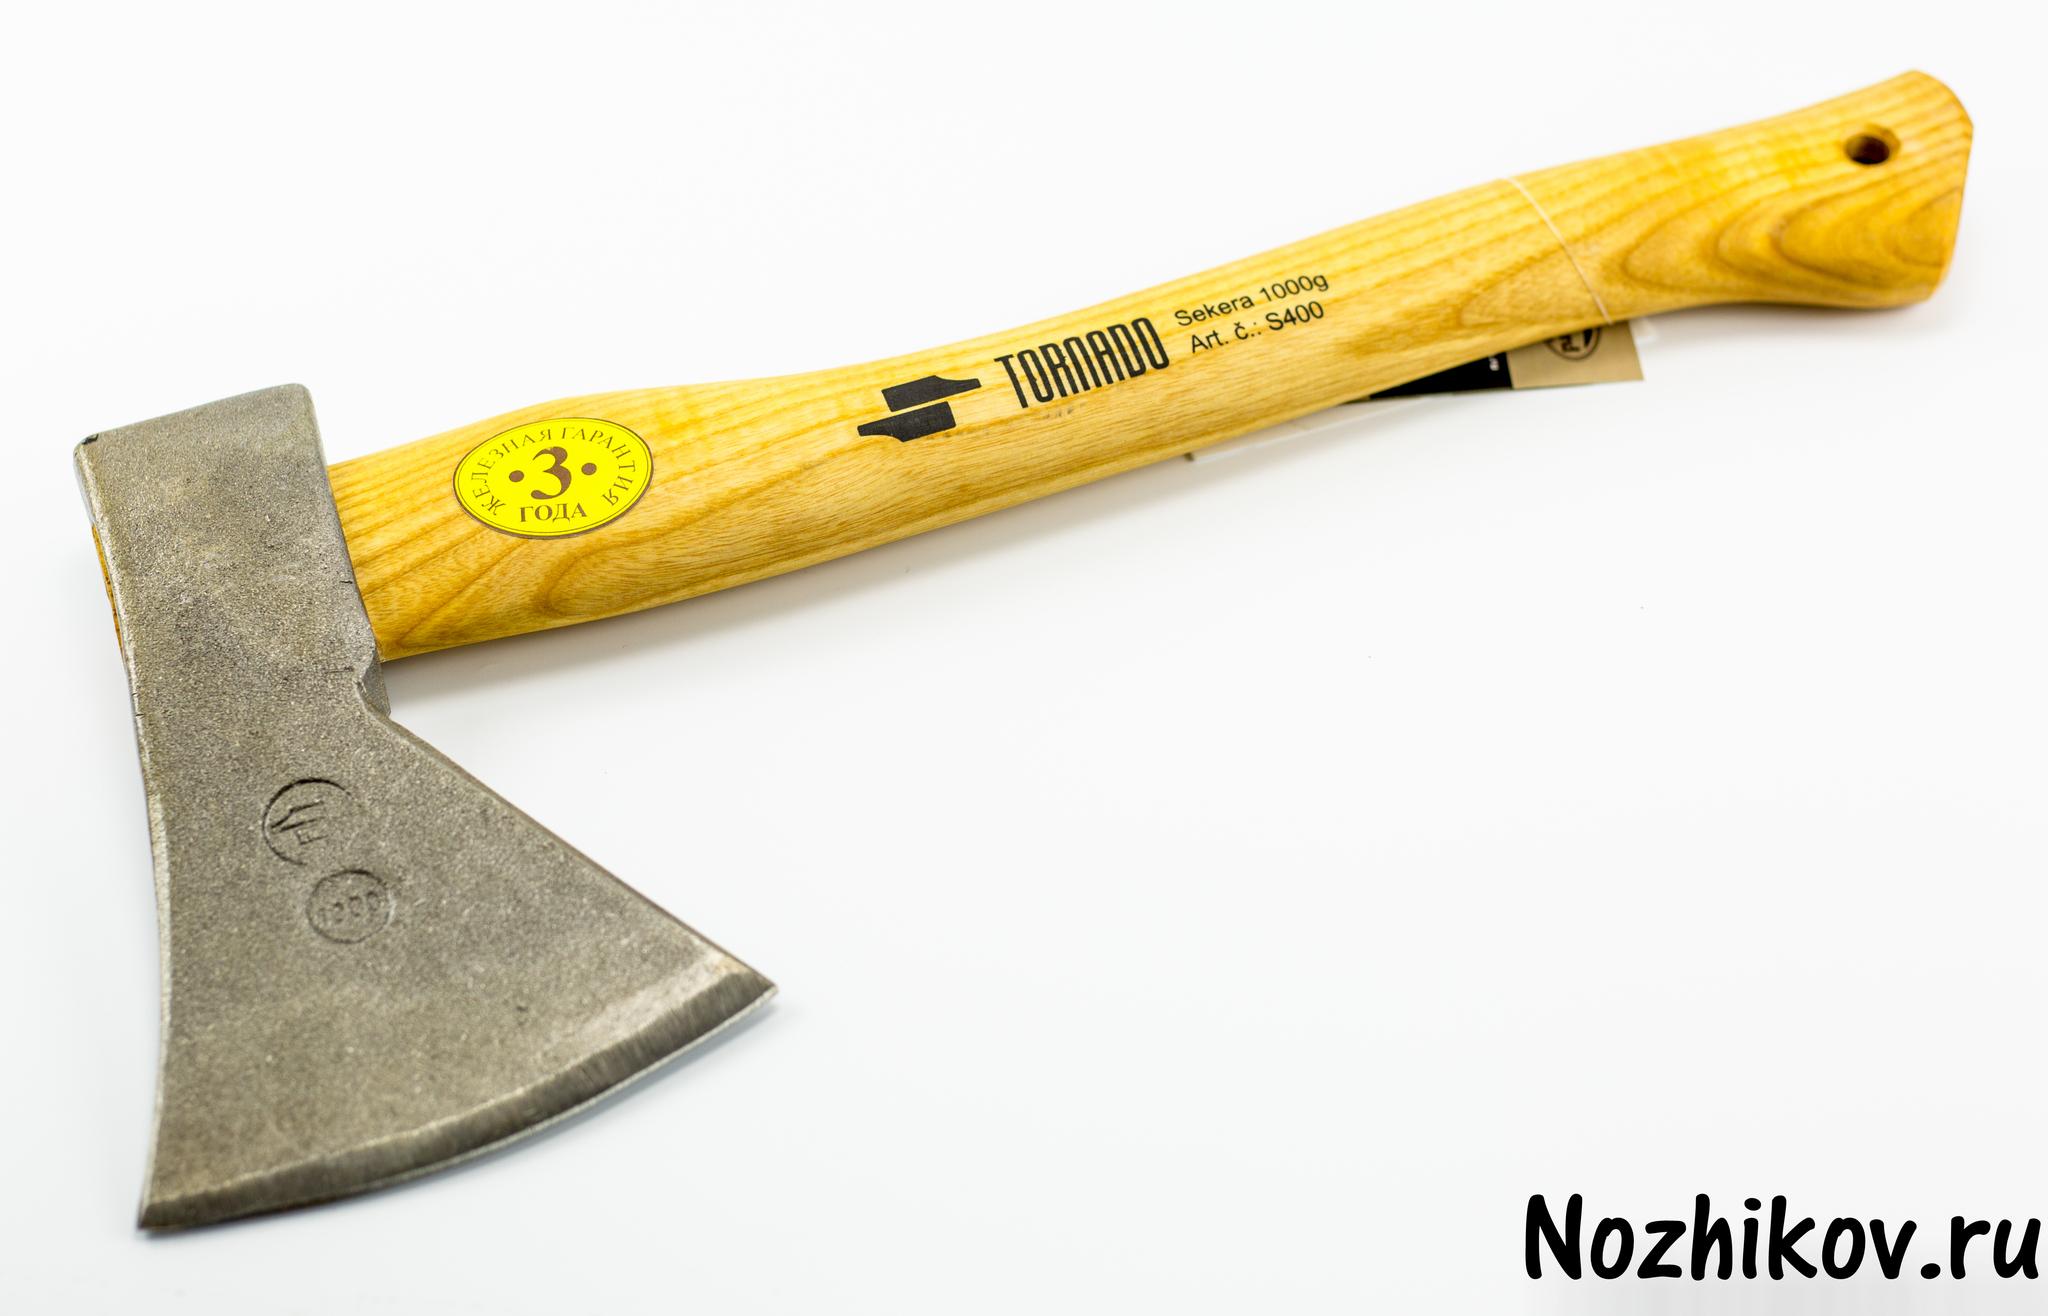 Универсальный одноручный топор S360Ножи по видам стали<br>Головка кованная, сделана из инструментальной кованой стали СК 45. Зона лезвия закалена на глубину 10 мм до прочности 52 - 53 единицы. Топорище из ясеня.Уникальная технология крепления рабочей части и топорища (клин + 2 металлических втулки).Защитный чехол для лезвия.<br>Вес насадки -600 гДлина рукоятки - 360 мм<br>Топорик сделан в Словакии.Произведено по европейскому стандарту качества.<br>